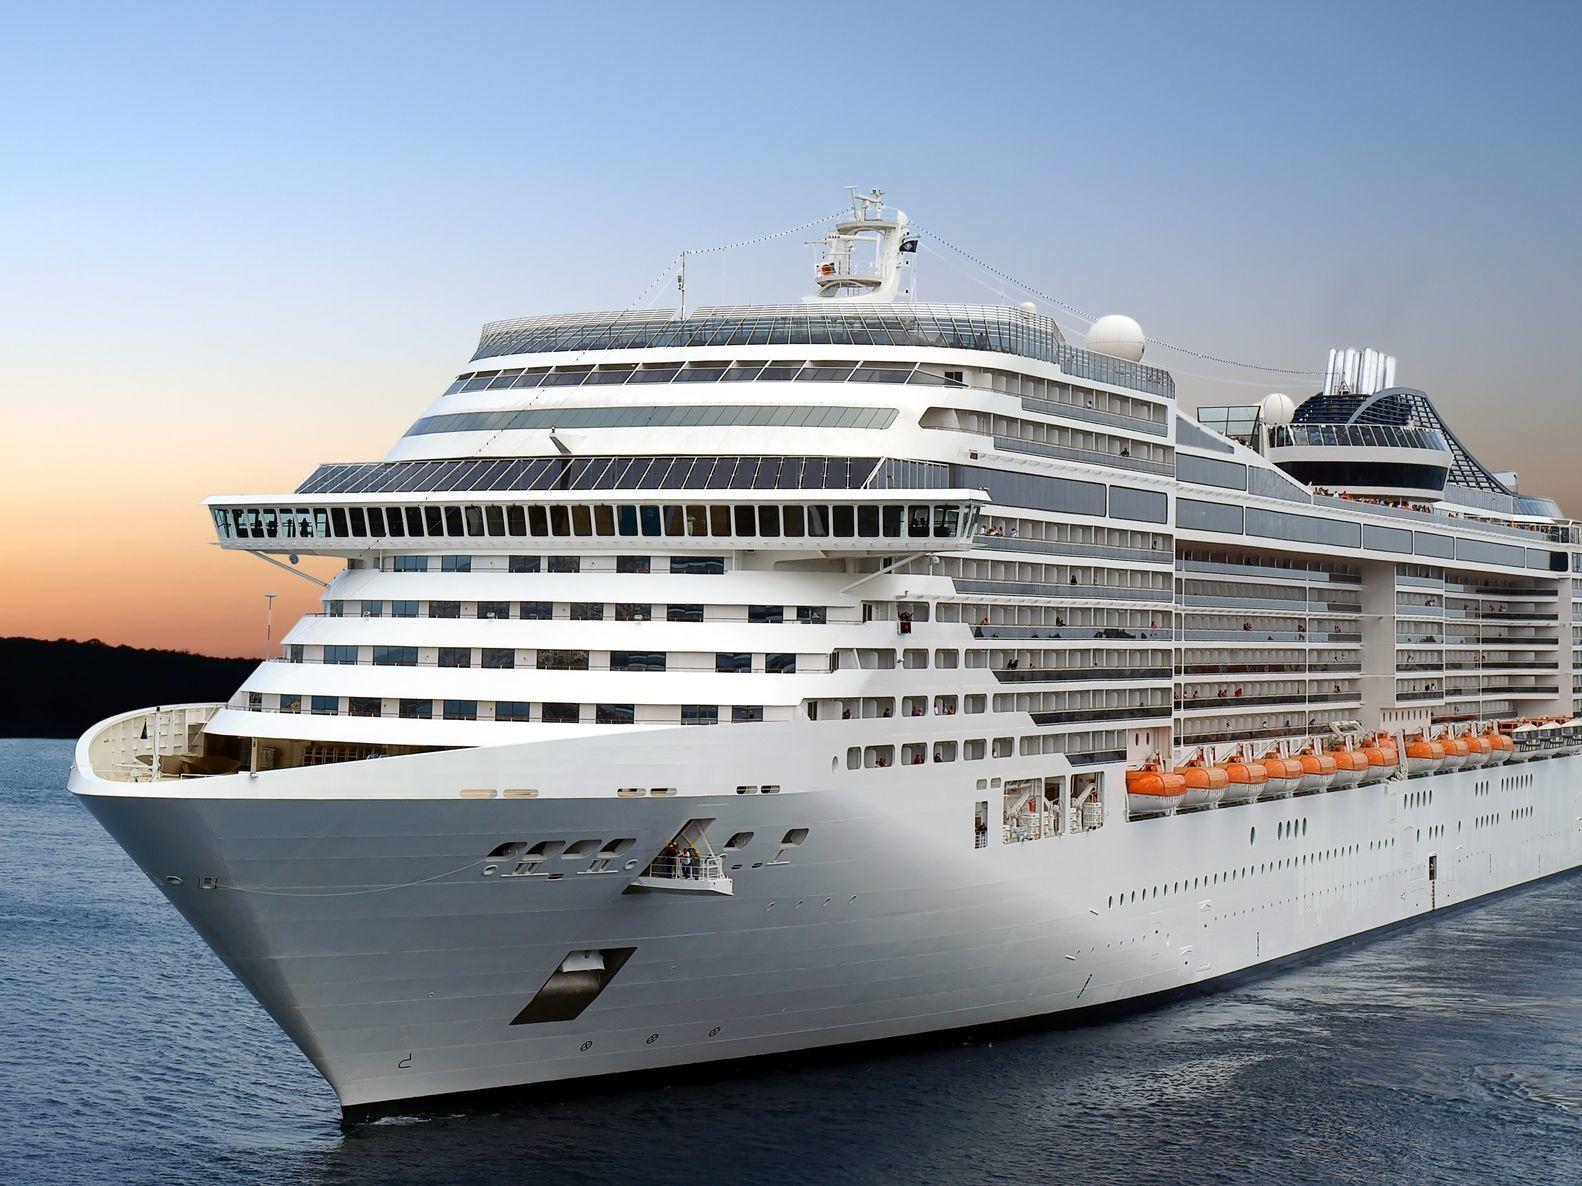 Luxusní výletní loď plující z přístavu | nan728/123RF.com